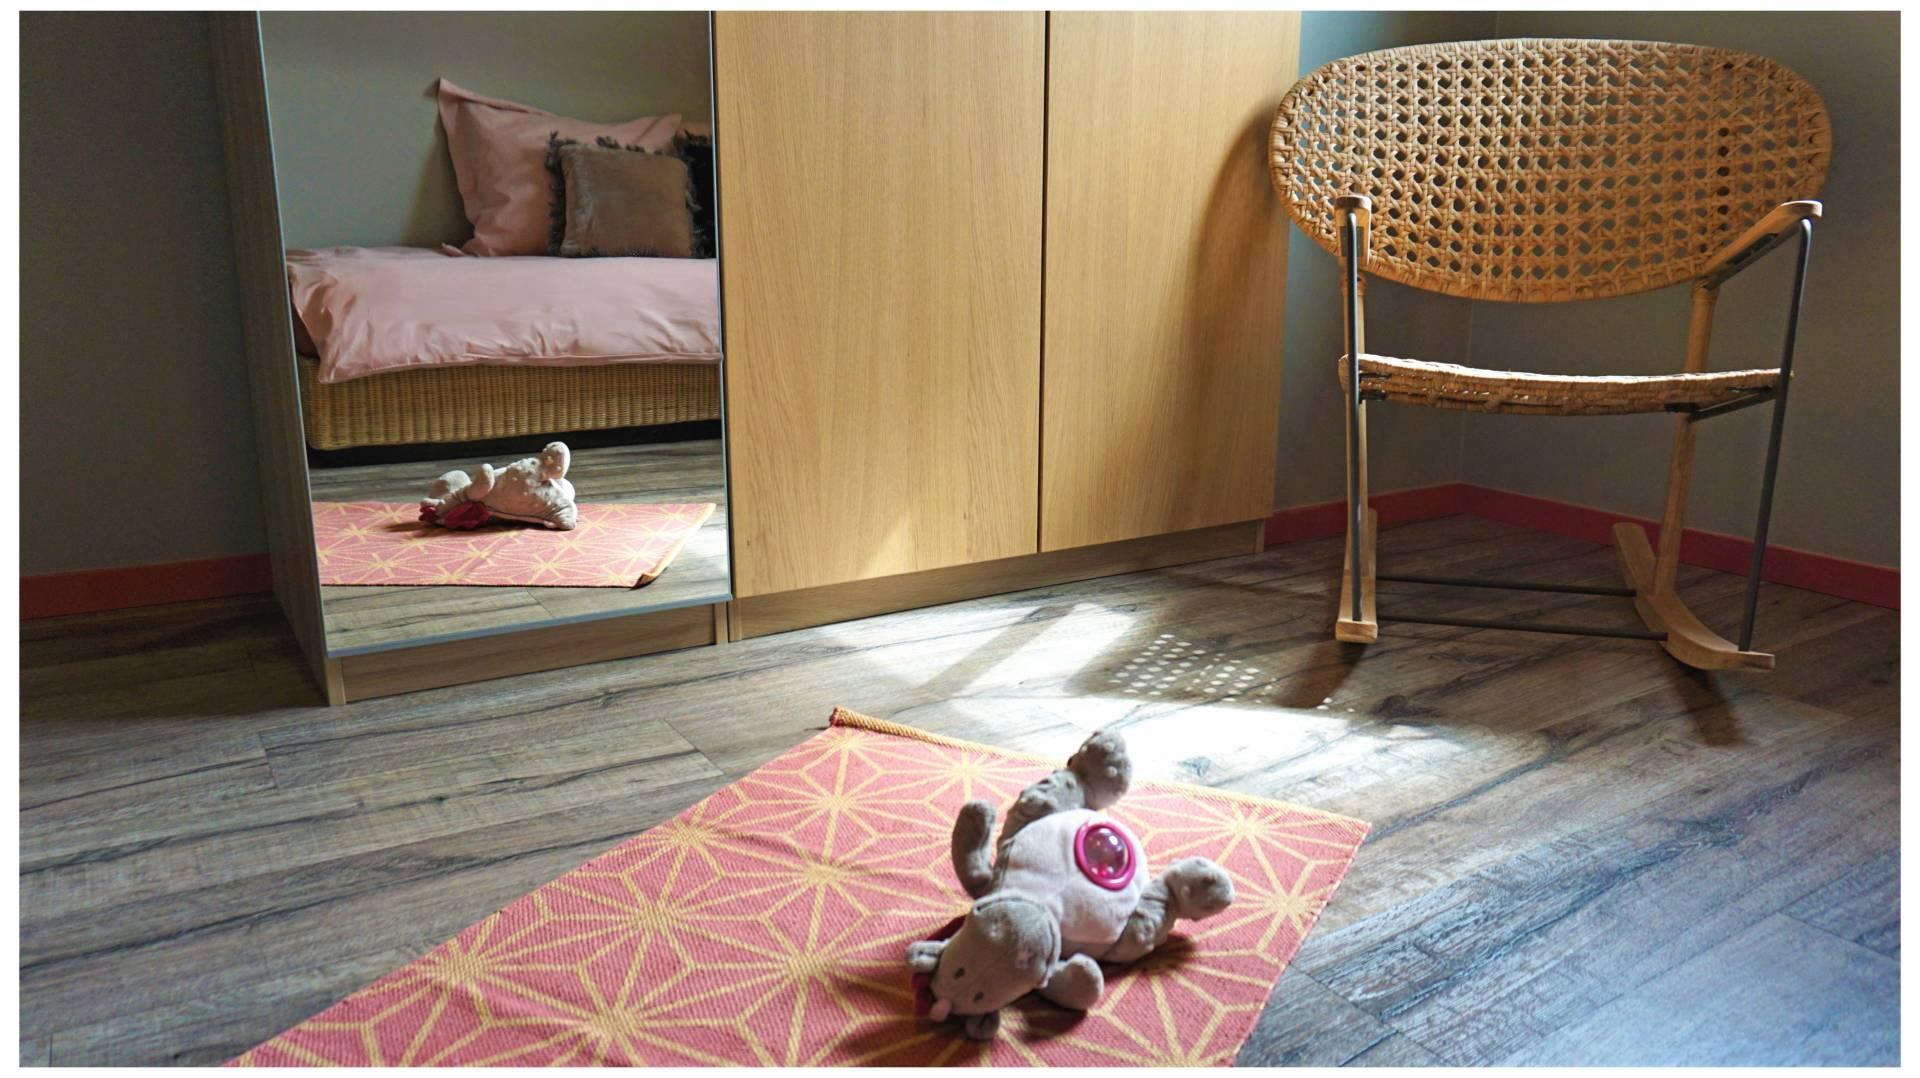 Chambre So Blush par Anne Solenn Chérat, Décoratrice UFDI sur Lorient, Vannes, Pontivy : une chambre en rose et gris à Lorient